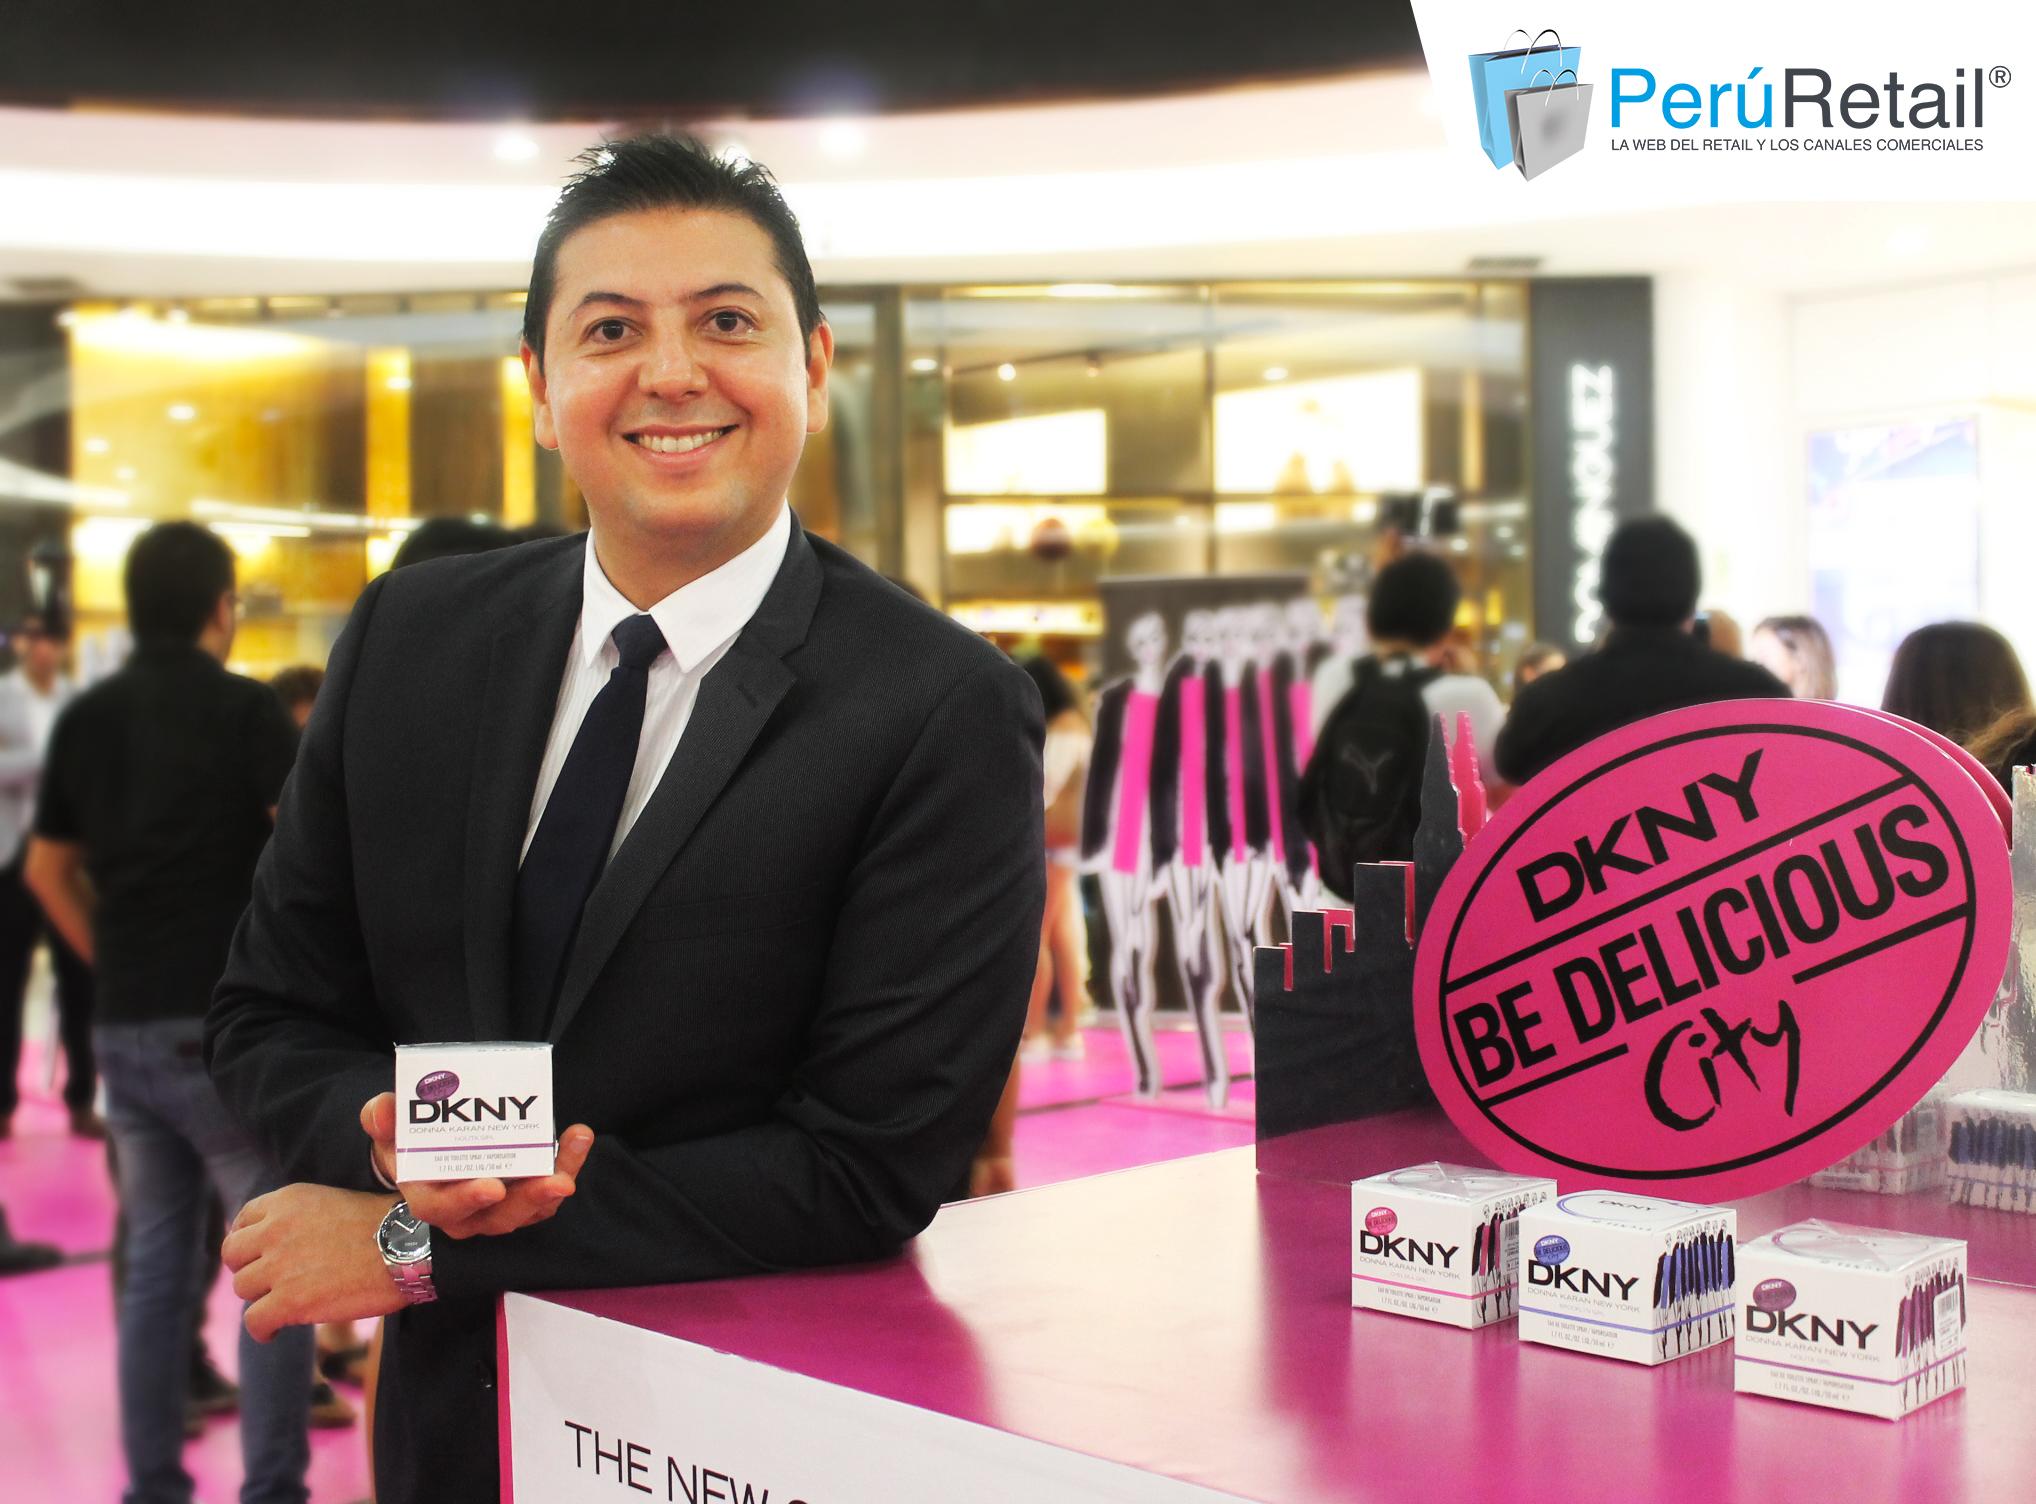 DKNY PERU RETAIL 4 - Donna Karan realizó lanzamiento de nuevas fragancias para el Perú